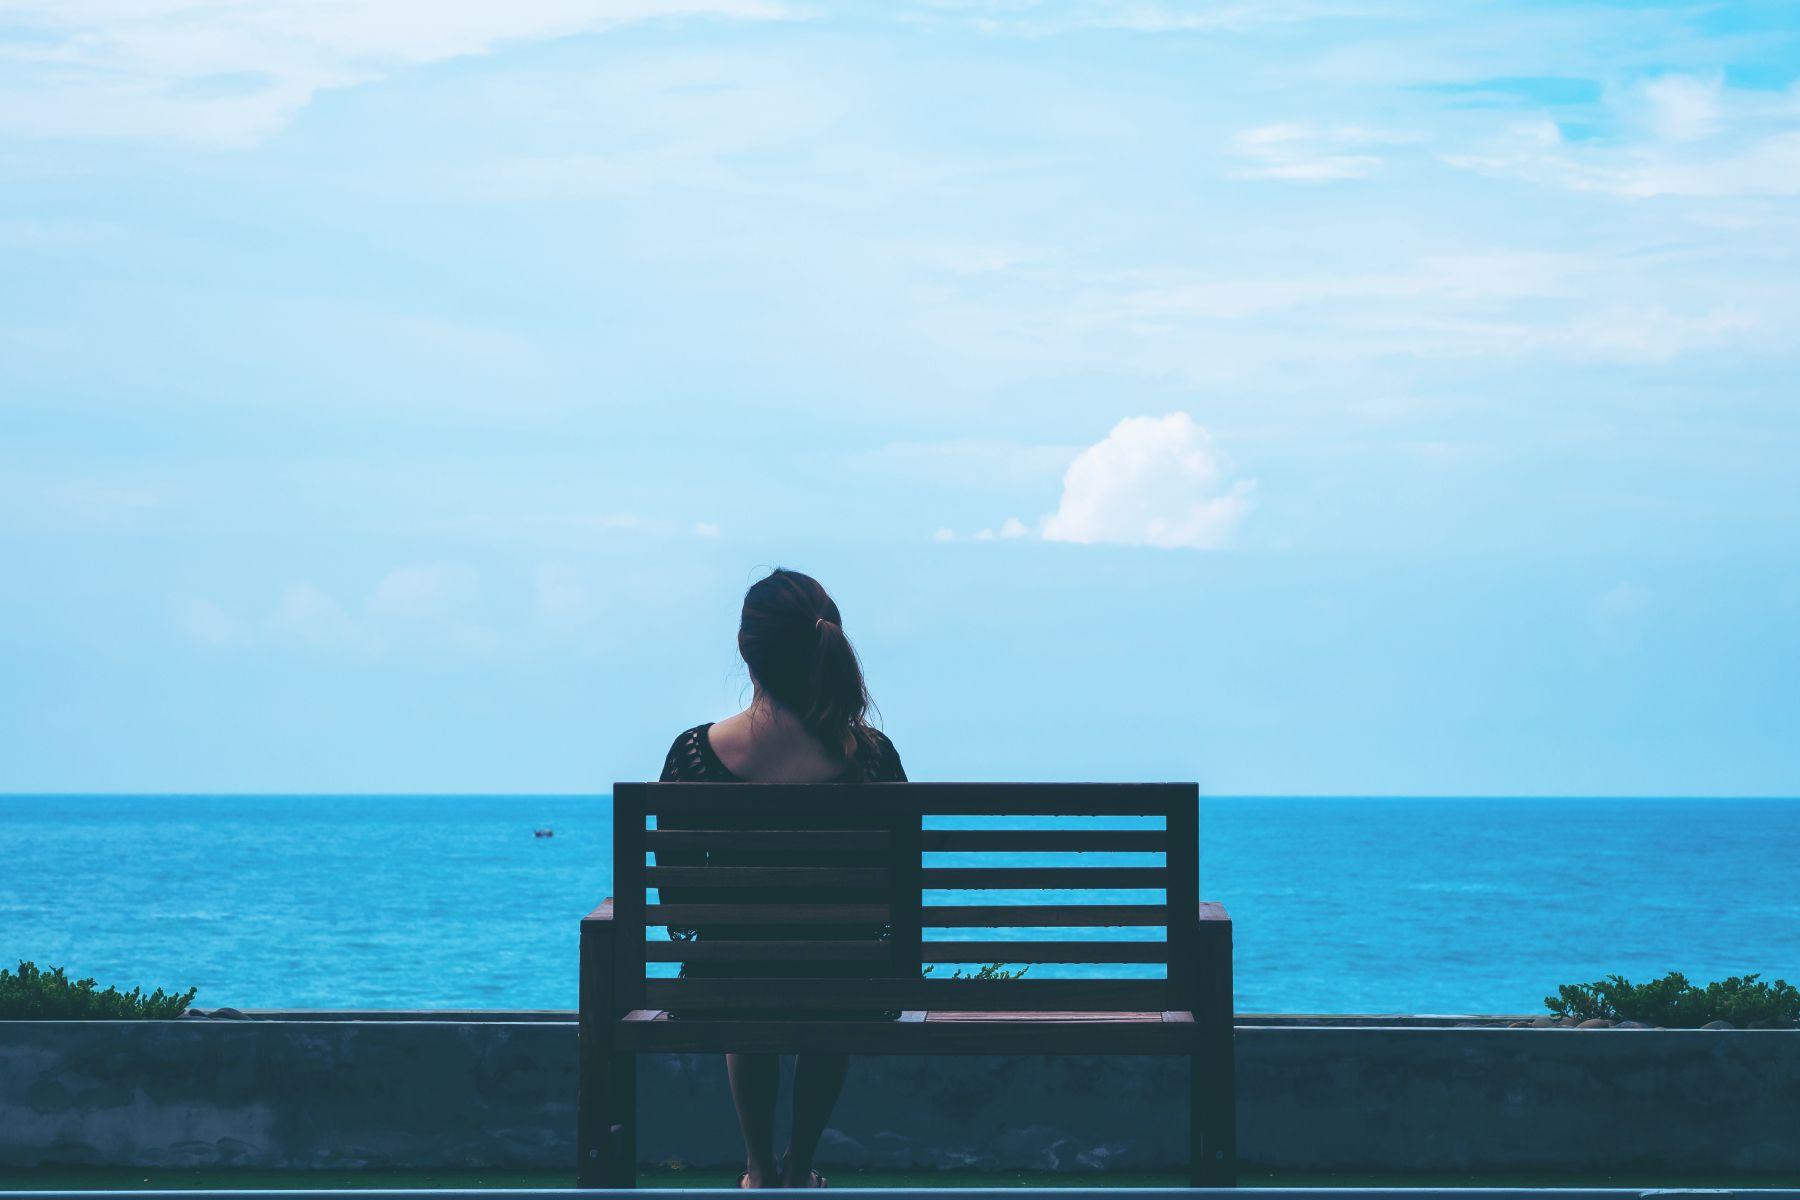 容易陷入不安、負面情緒中?日本精神科醫師揭露:那是因為你心理只想著這1件事